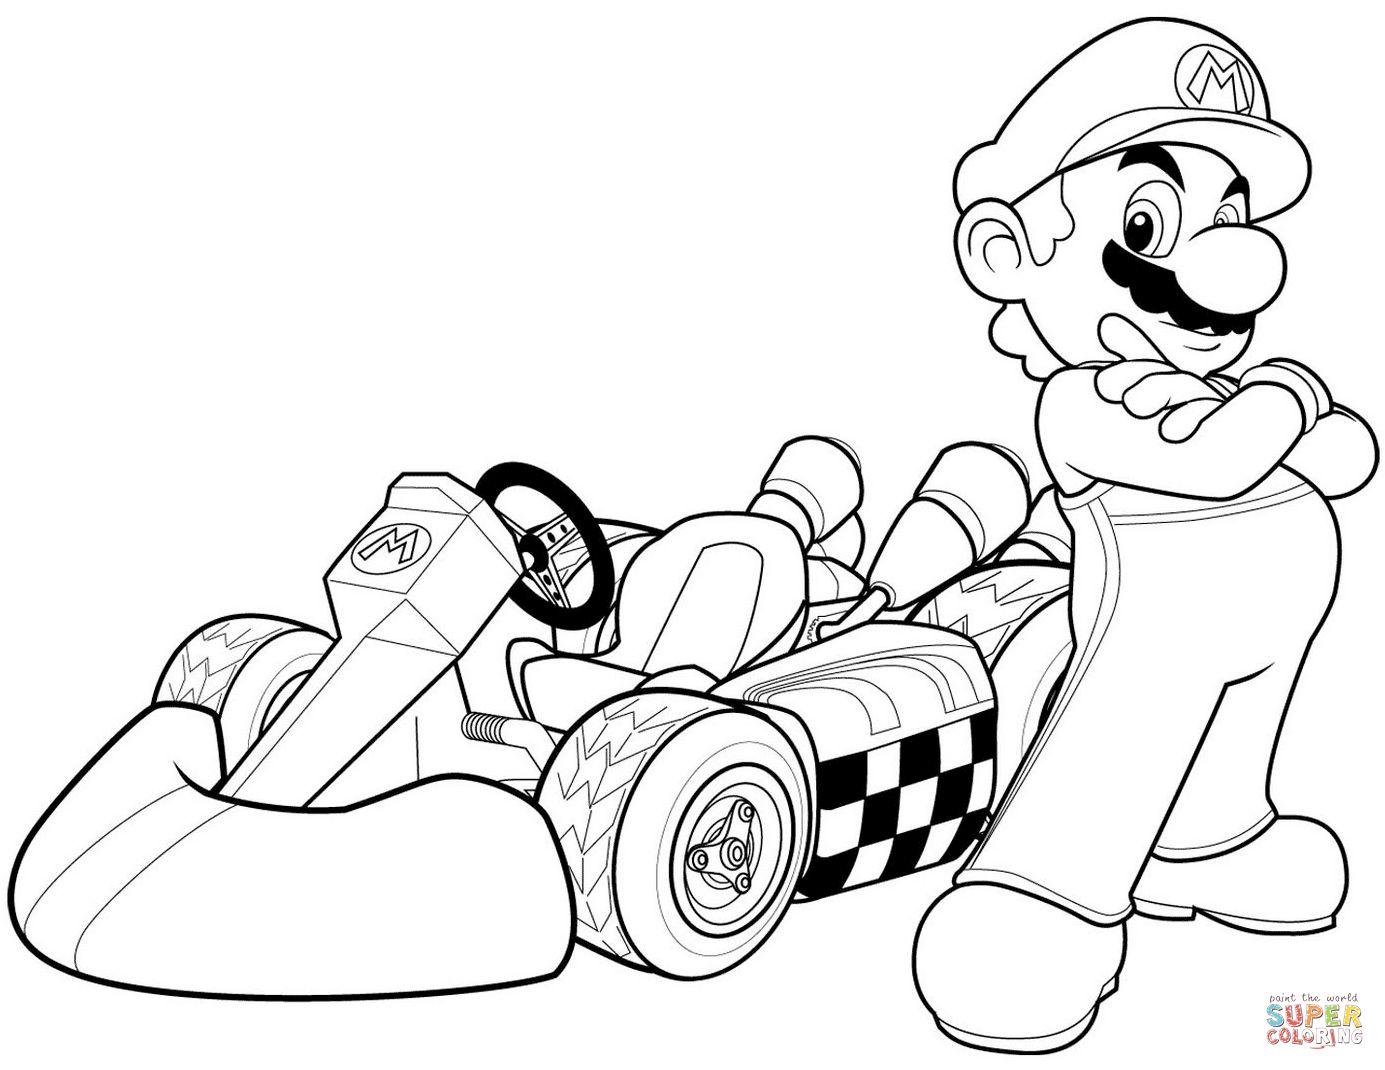 1385x1070 Mario In Mario Kart Wii Coloring Page For Super Mario Coloring